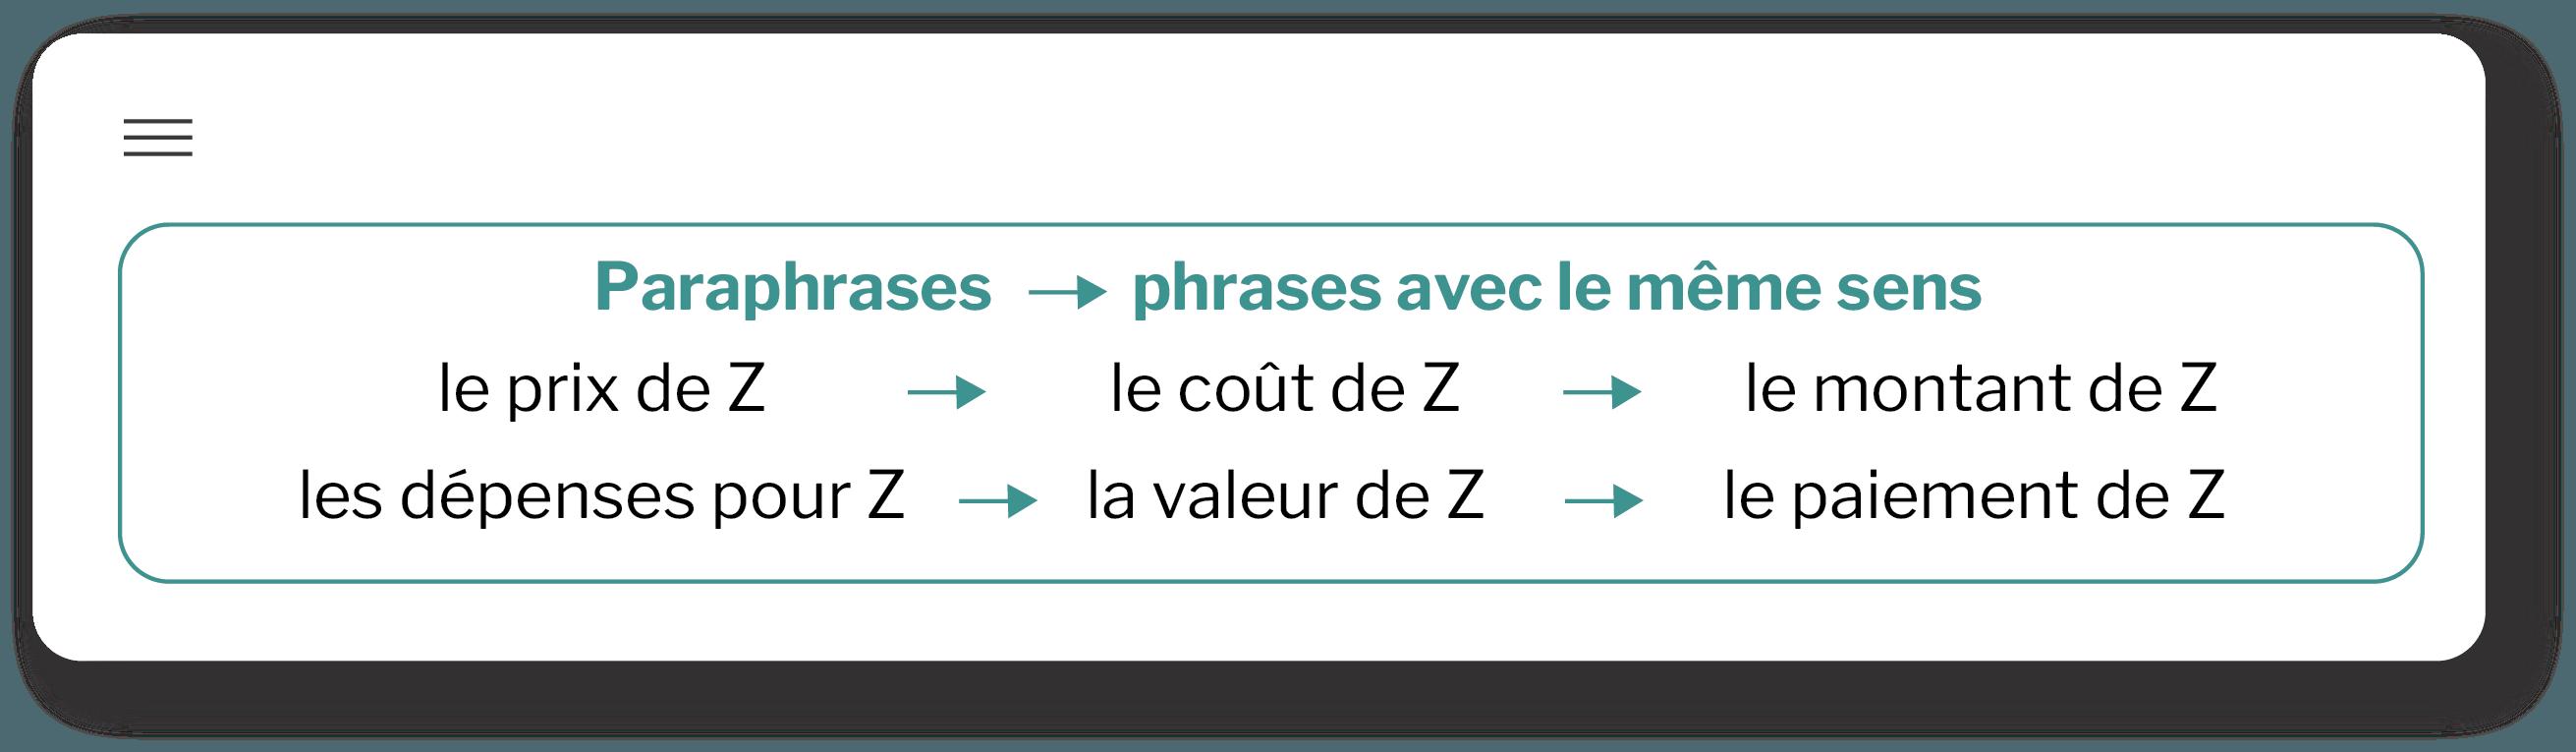 langage_naturel